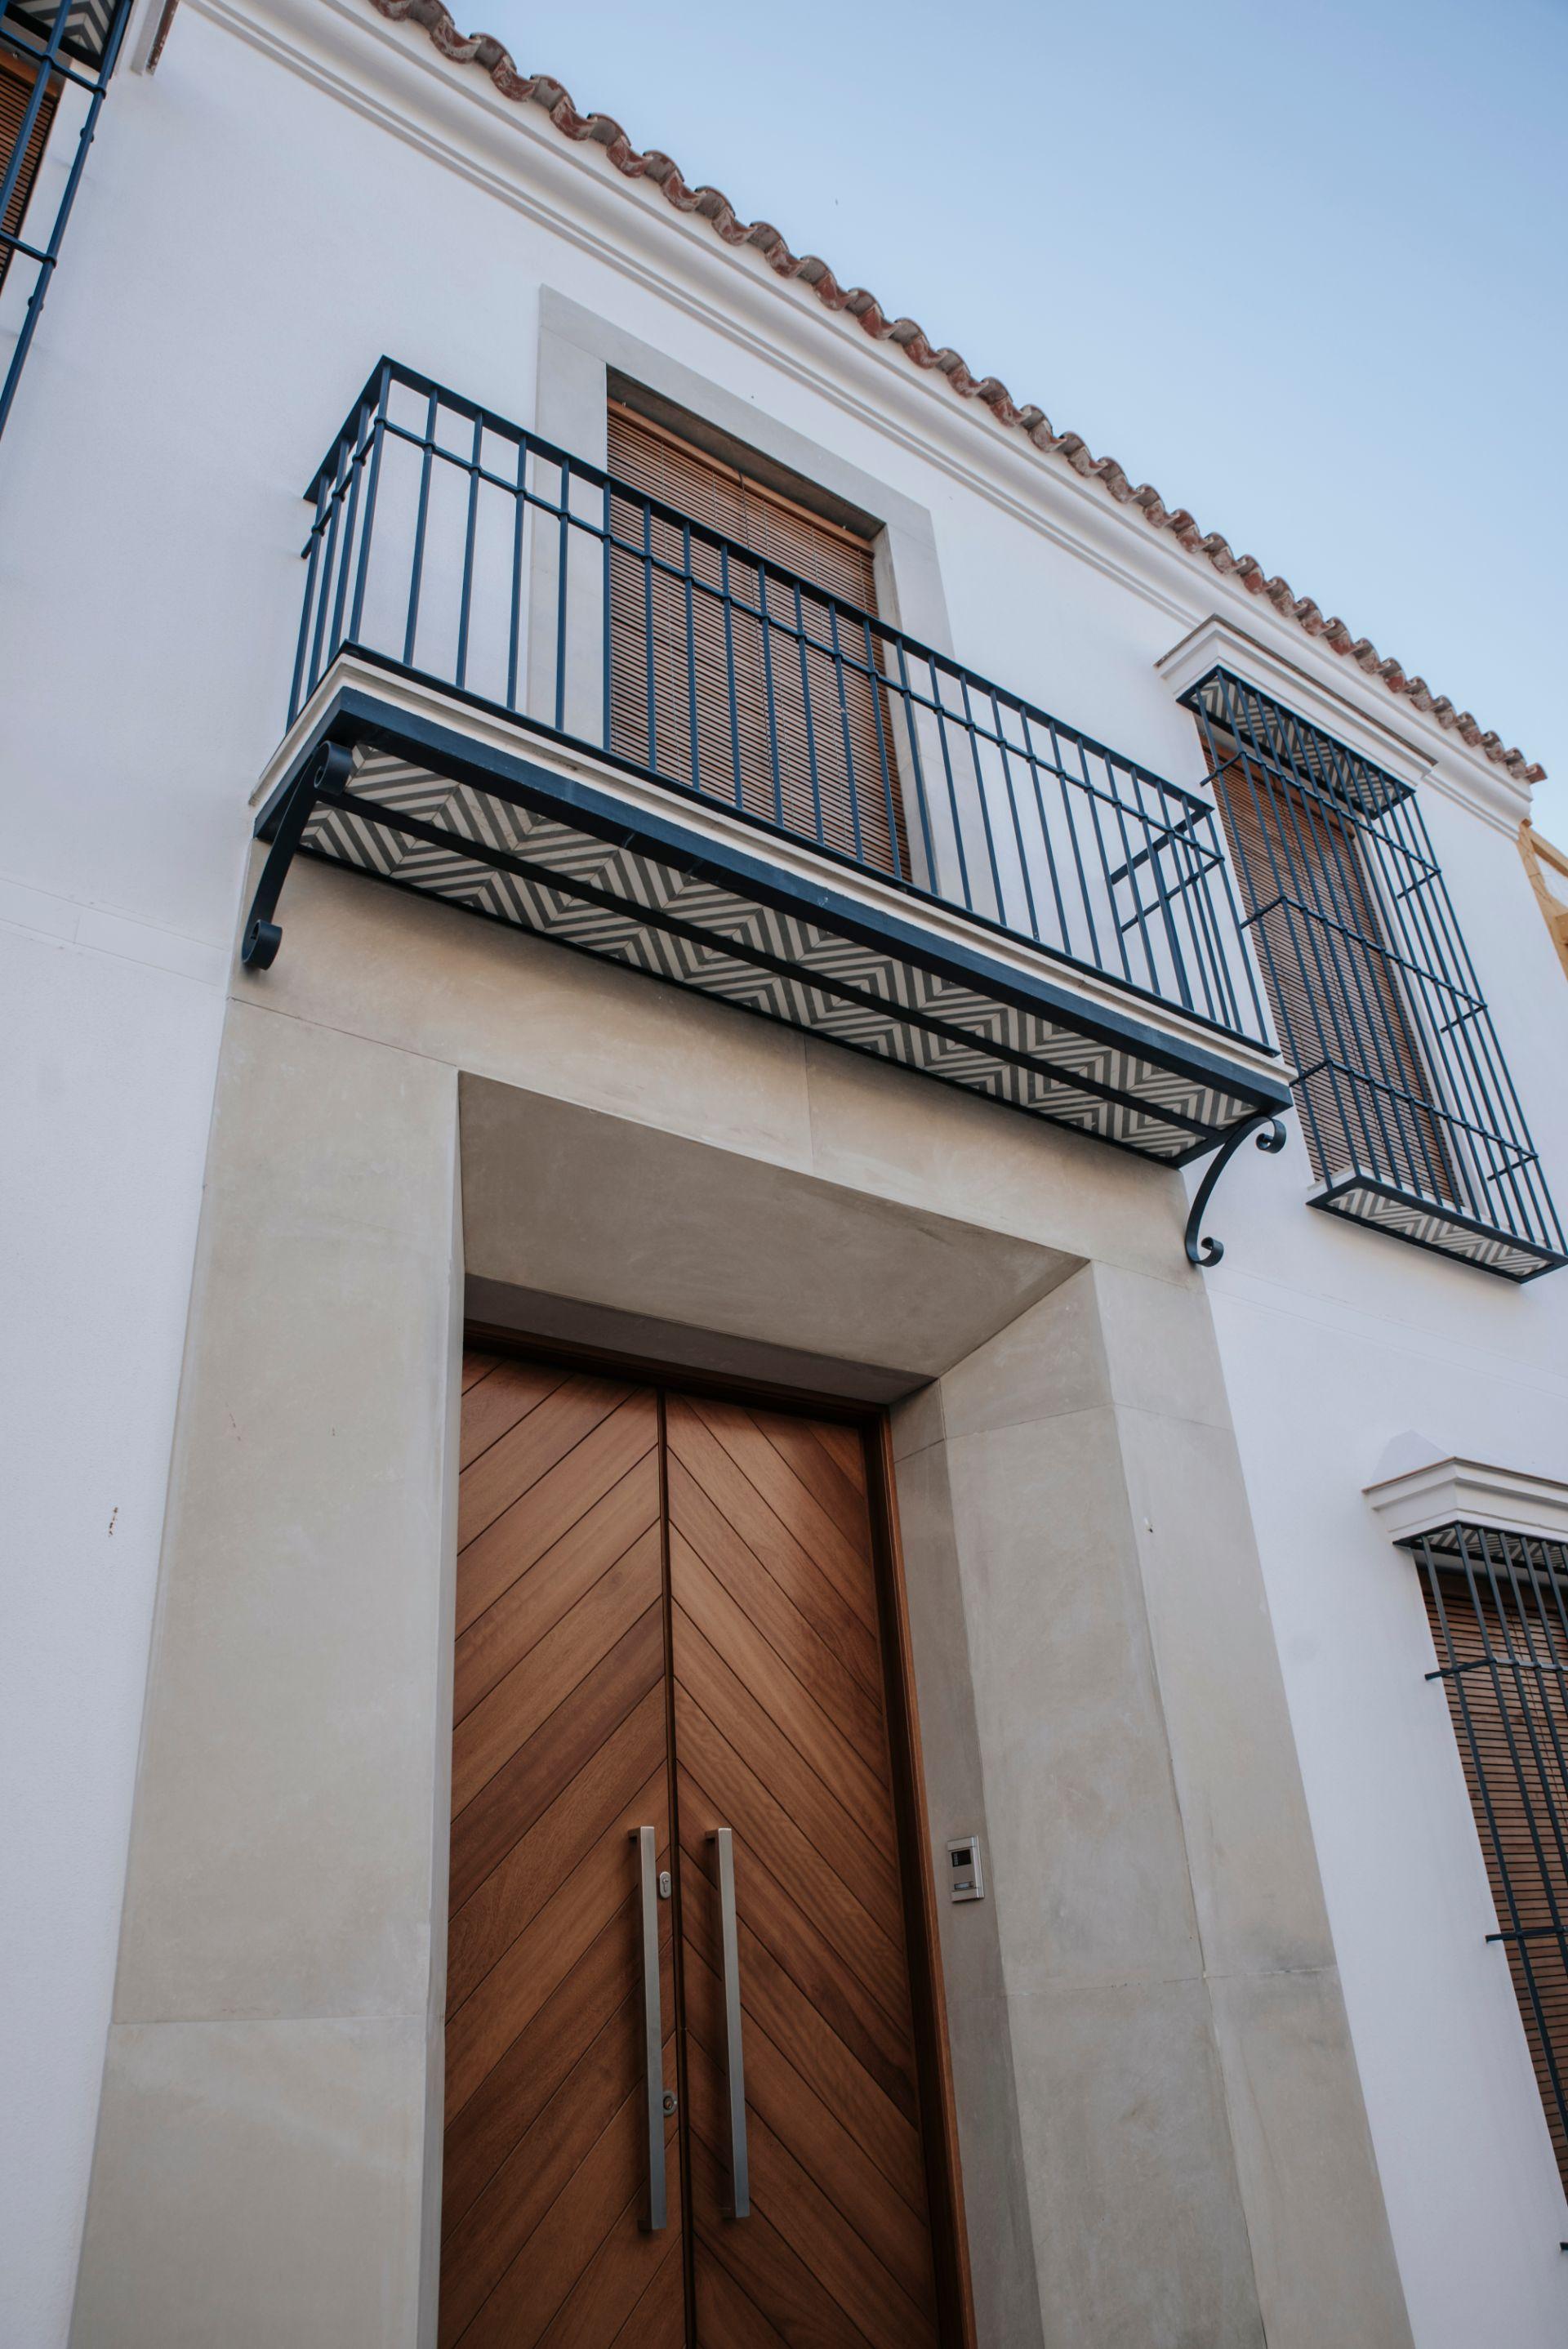 proyectos-interiorismo-interioristas-diseno-interiores-viviendas-particulares-casas-pueblo-chalets-adosados-urbanizaciones-lujo-19